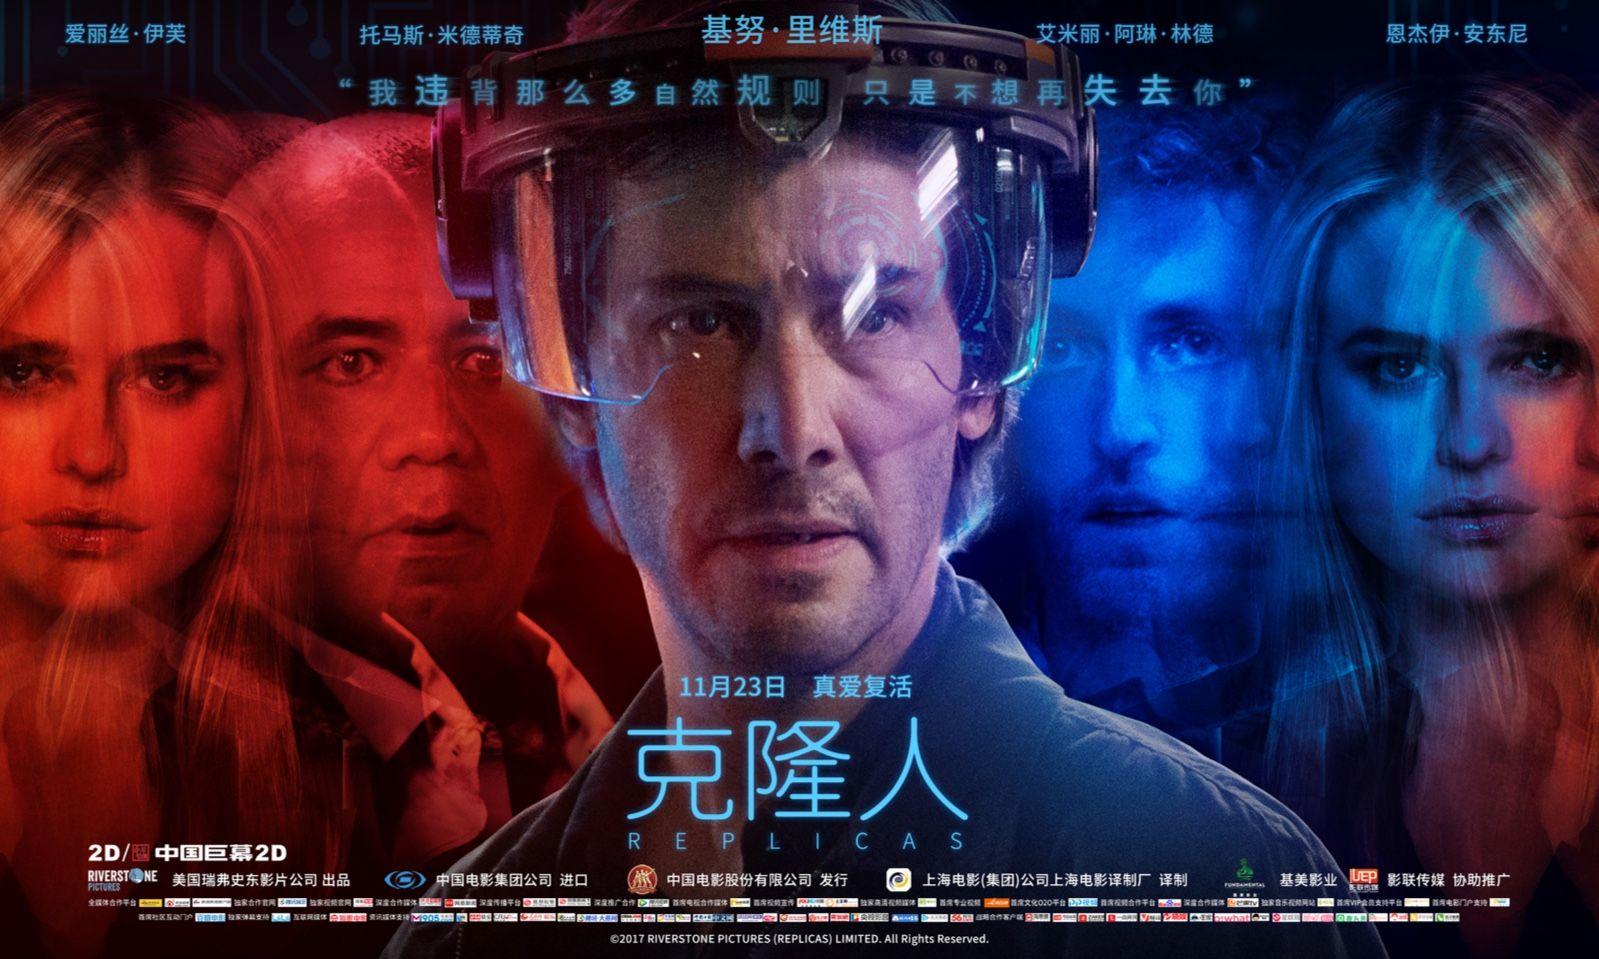 《克隆人》曝预告基努·里维斯与世界对立,硬核科幻引发未来危机电影新闻